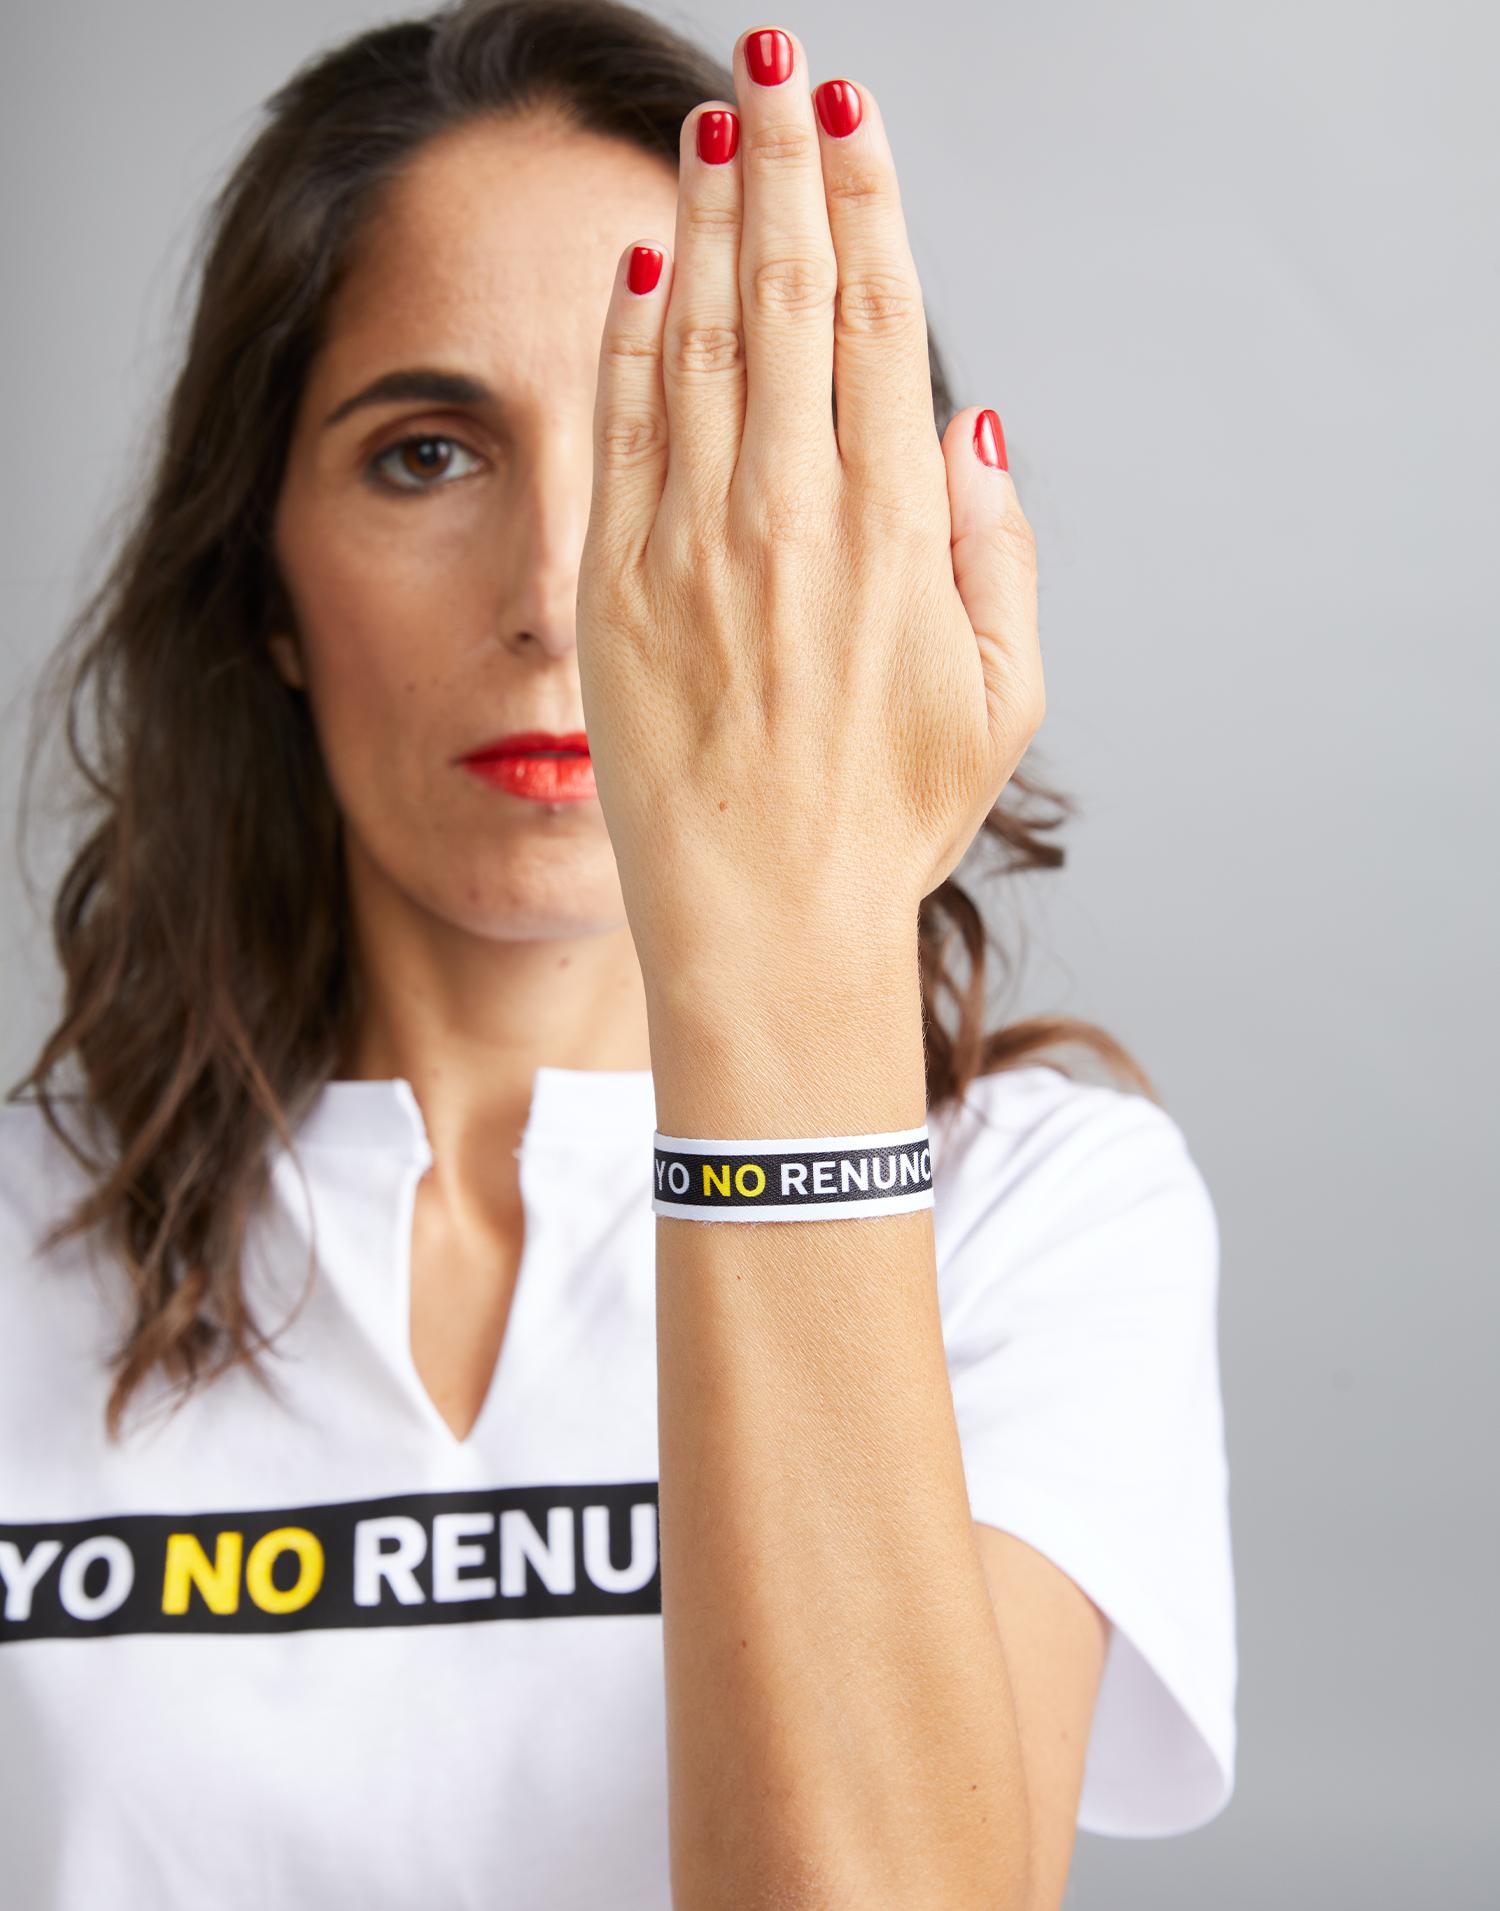 Pulsera Blanca Yo No Renuncio